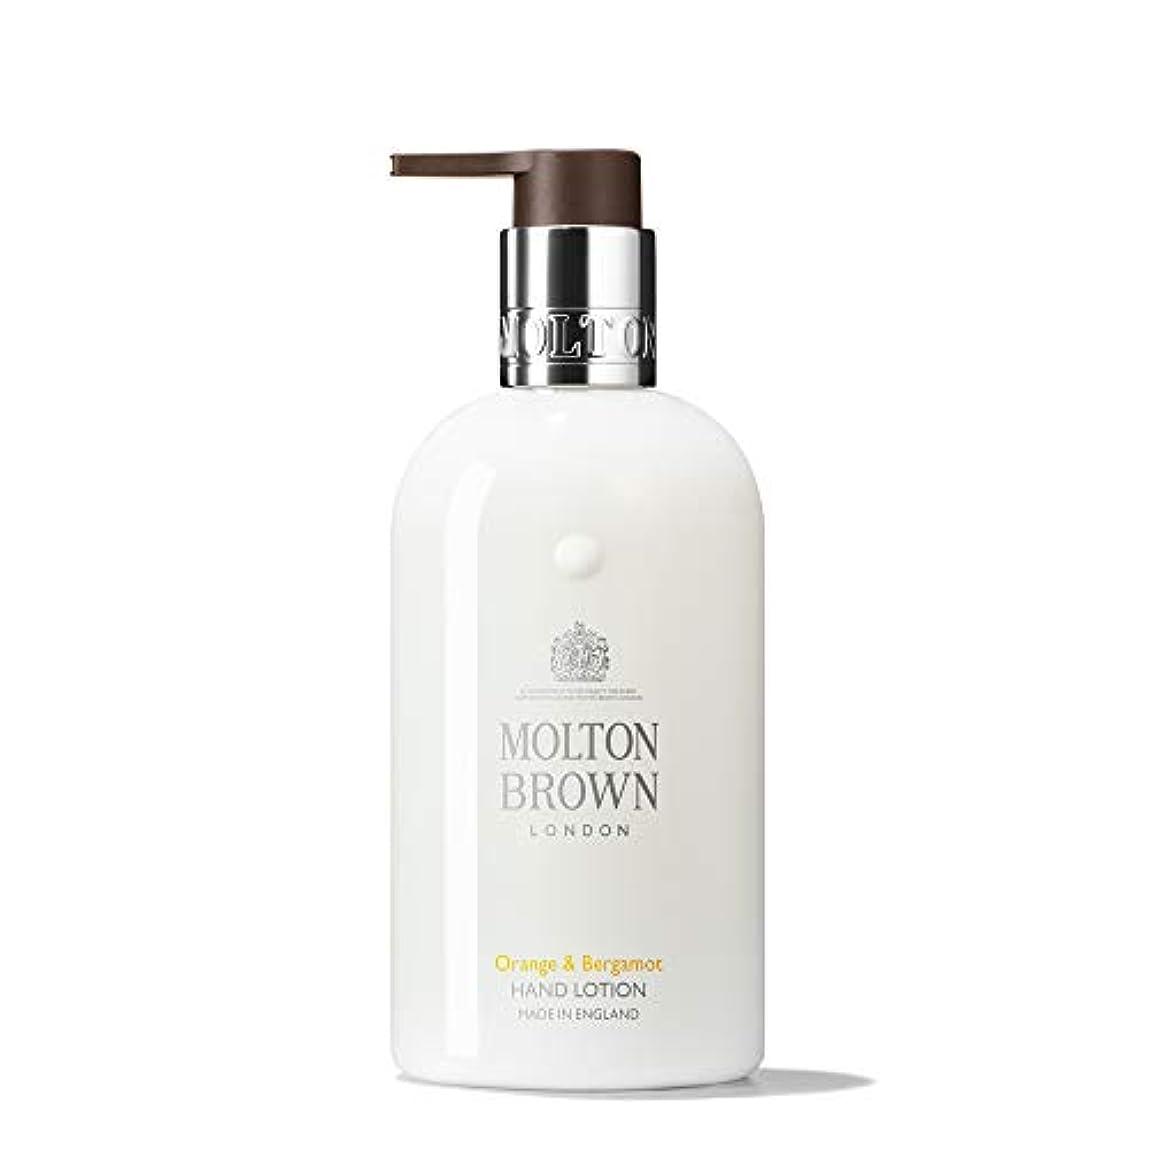 露床を掃除するキャメルMOLTON BROWN(モルトンブラウン) オレンジ&ベルガモット コレクション O&B ハンドローション